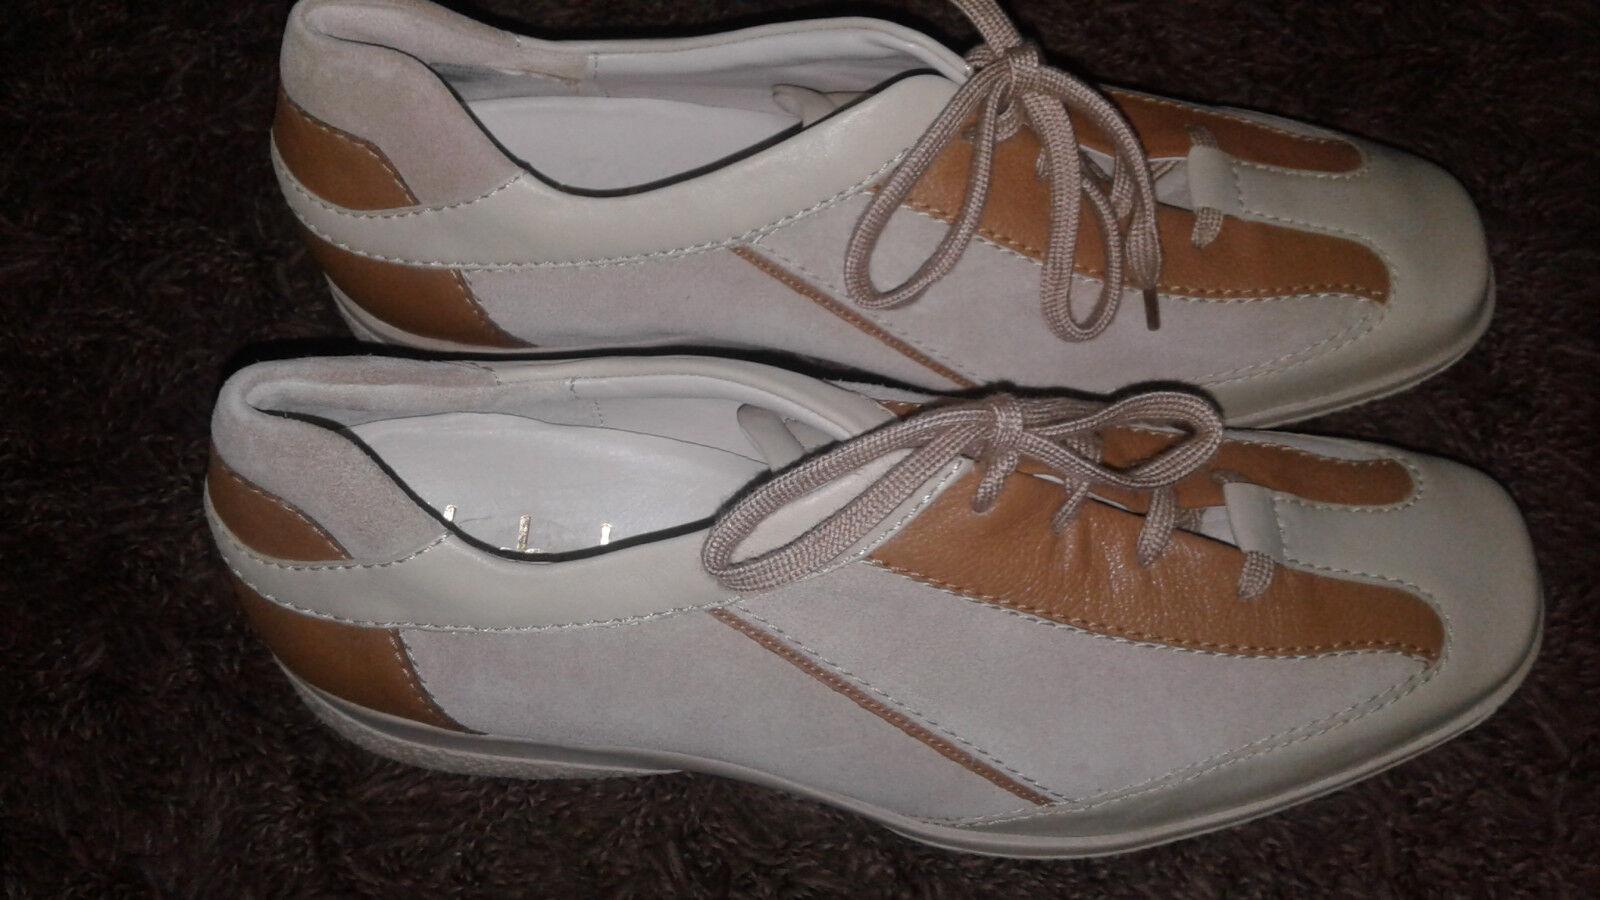 Schöne Schuhe von Verhulst, Größe 7,5 (41) mit mit mit auswechselbarer Sohle, neuwertig 7b9c3f